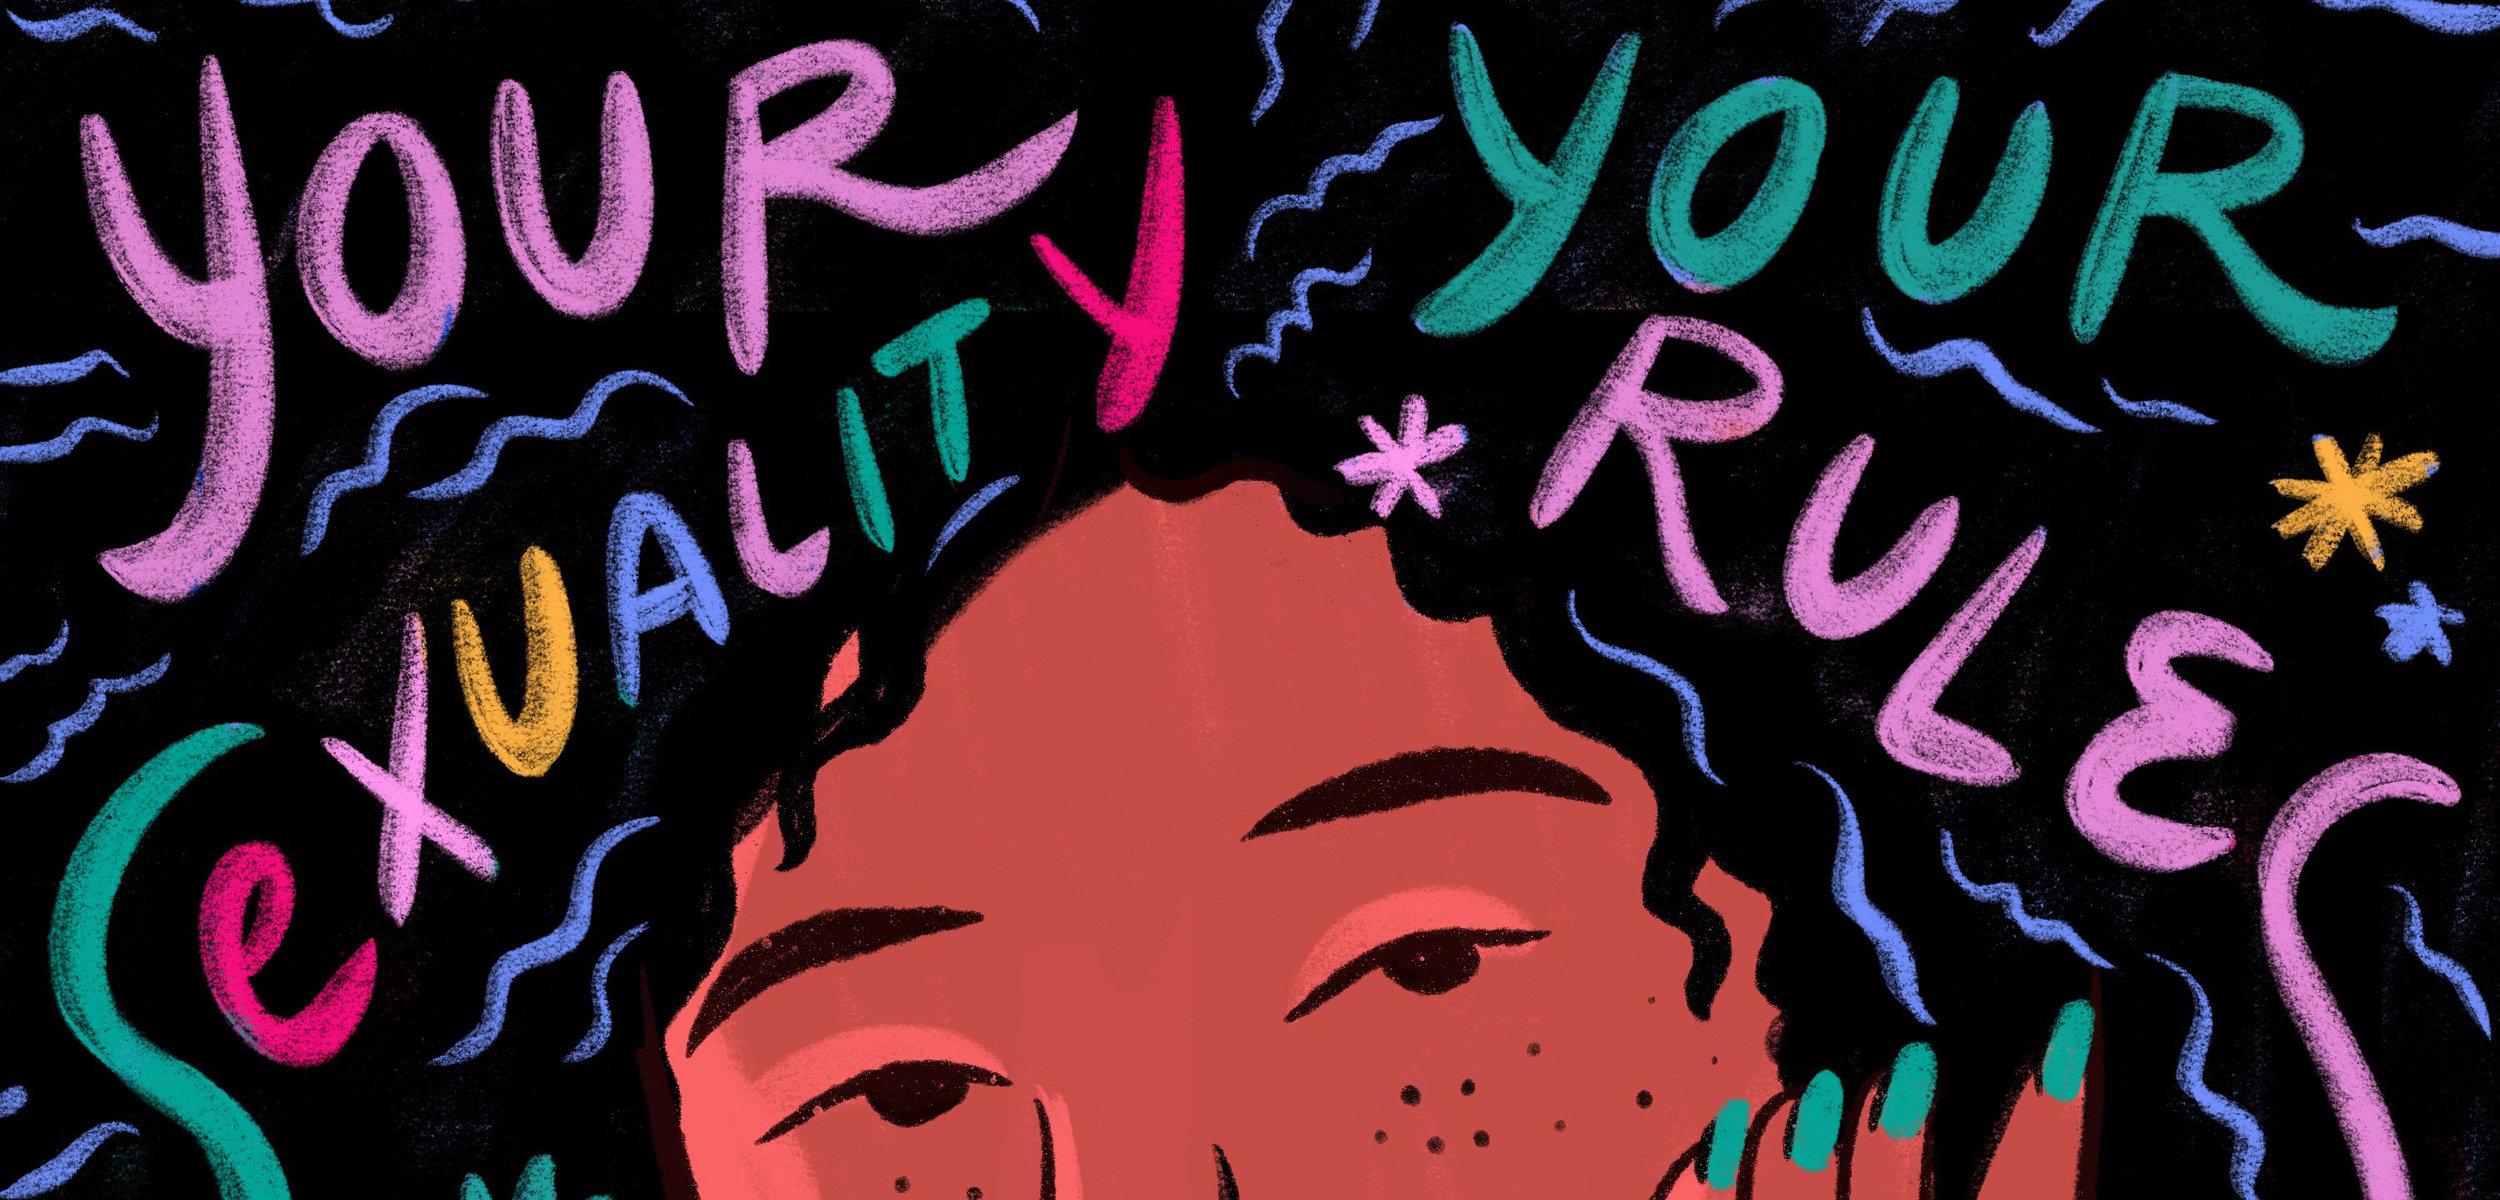 yoursexuality_banner.jpg